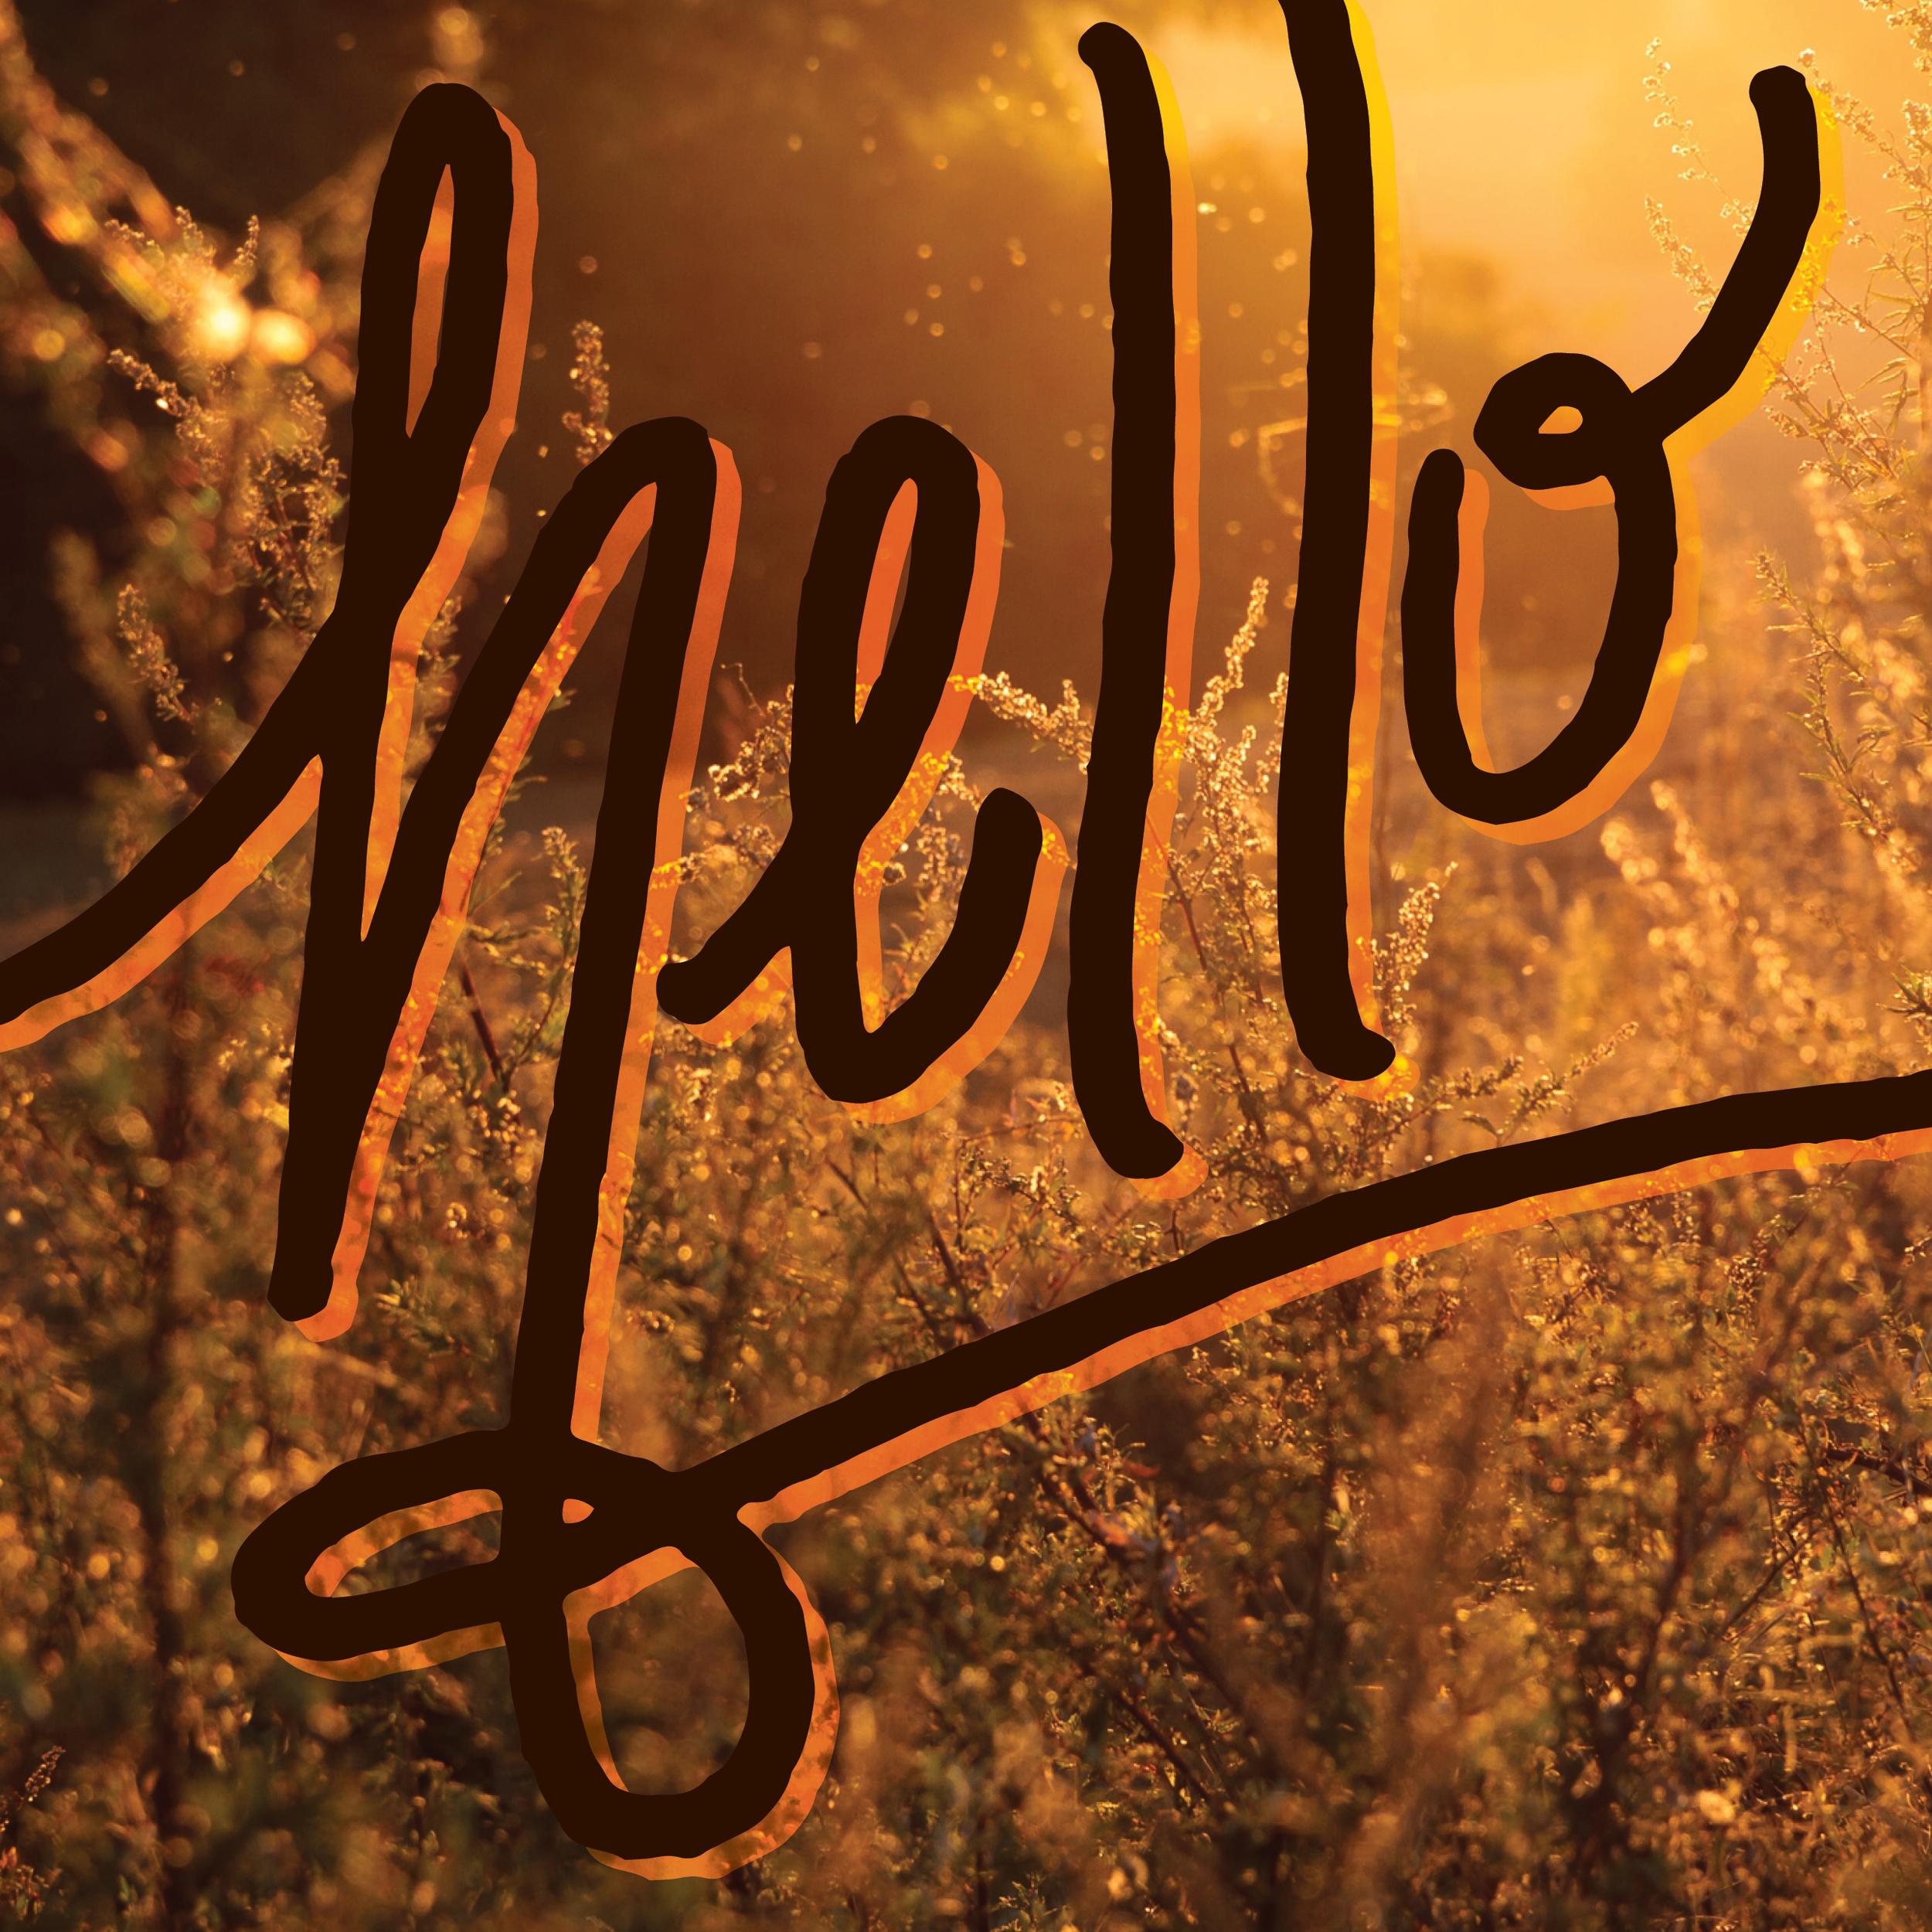 hello2.jpg